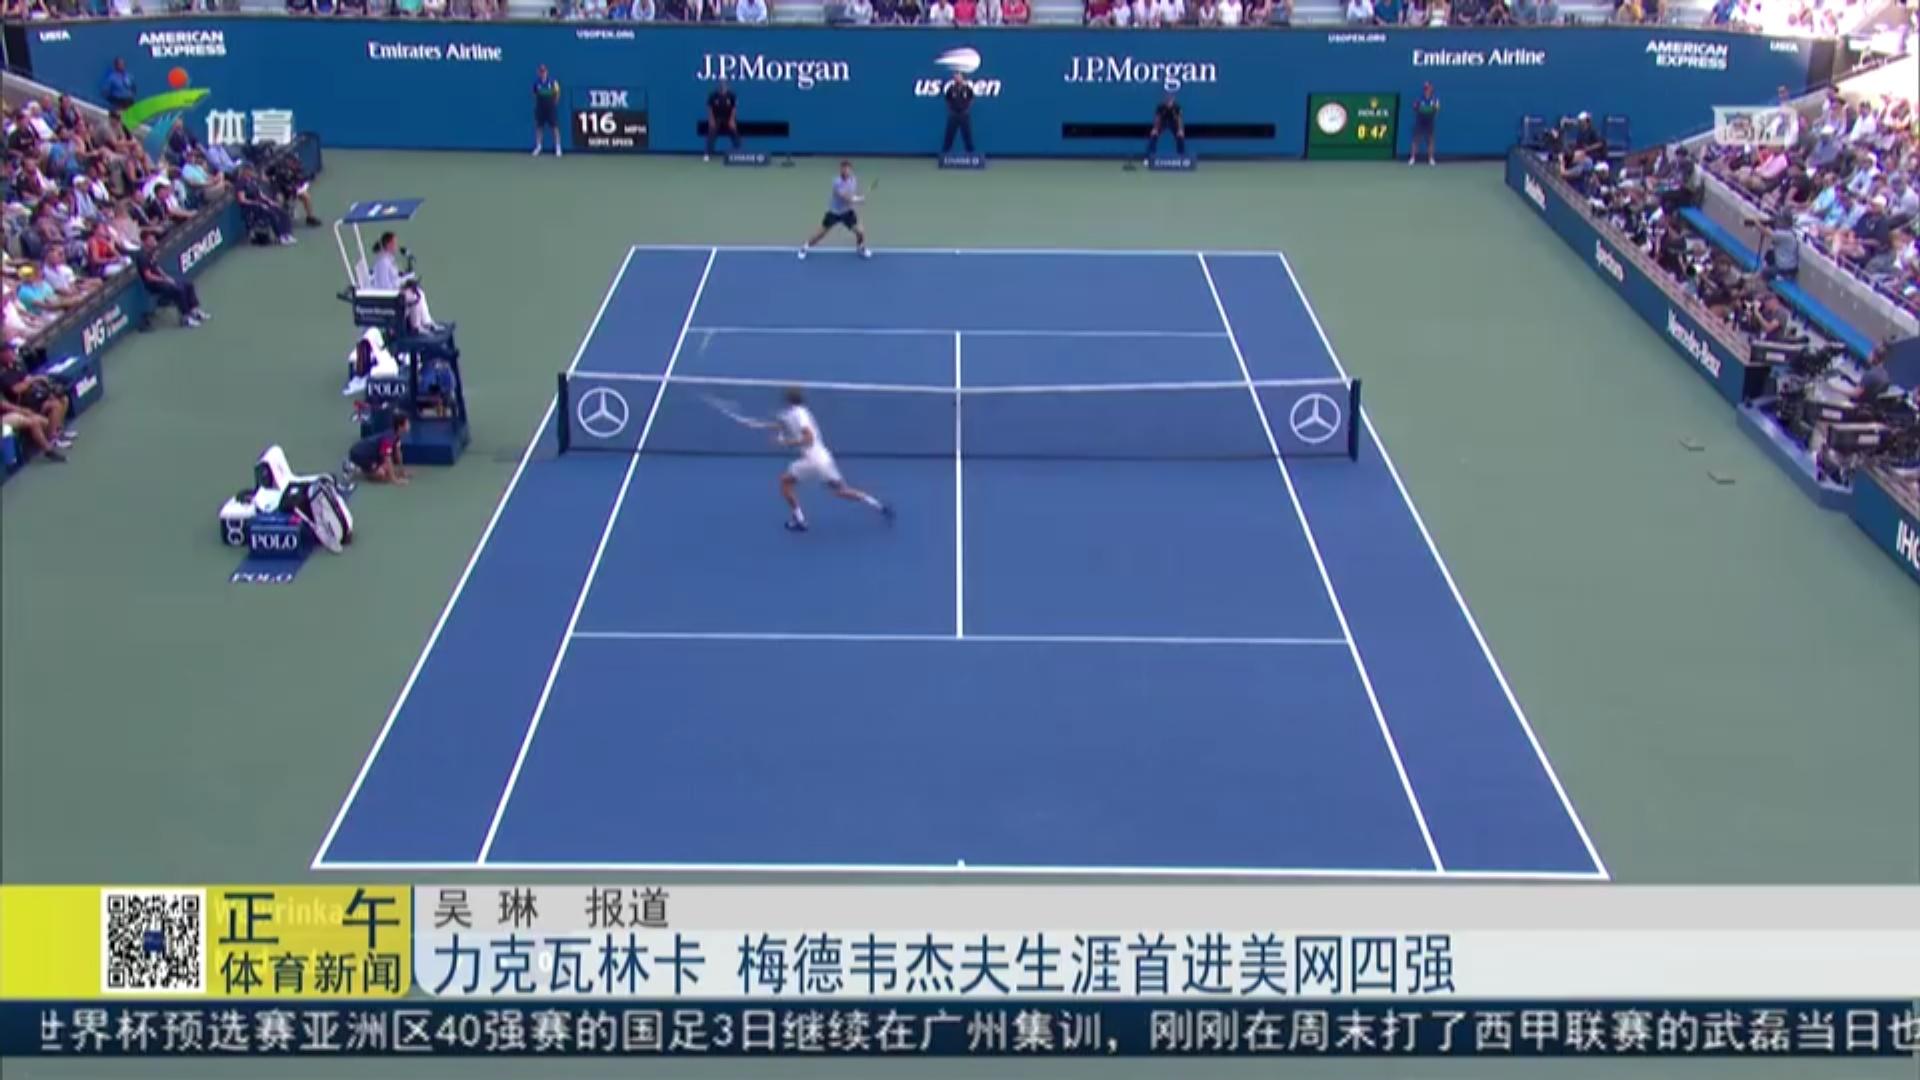 力克瓦林卡 梅德韋杰夫生涯首進美網四強